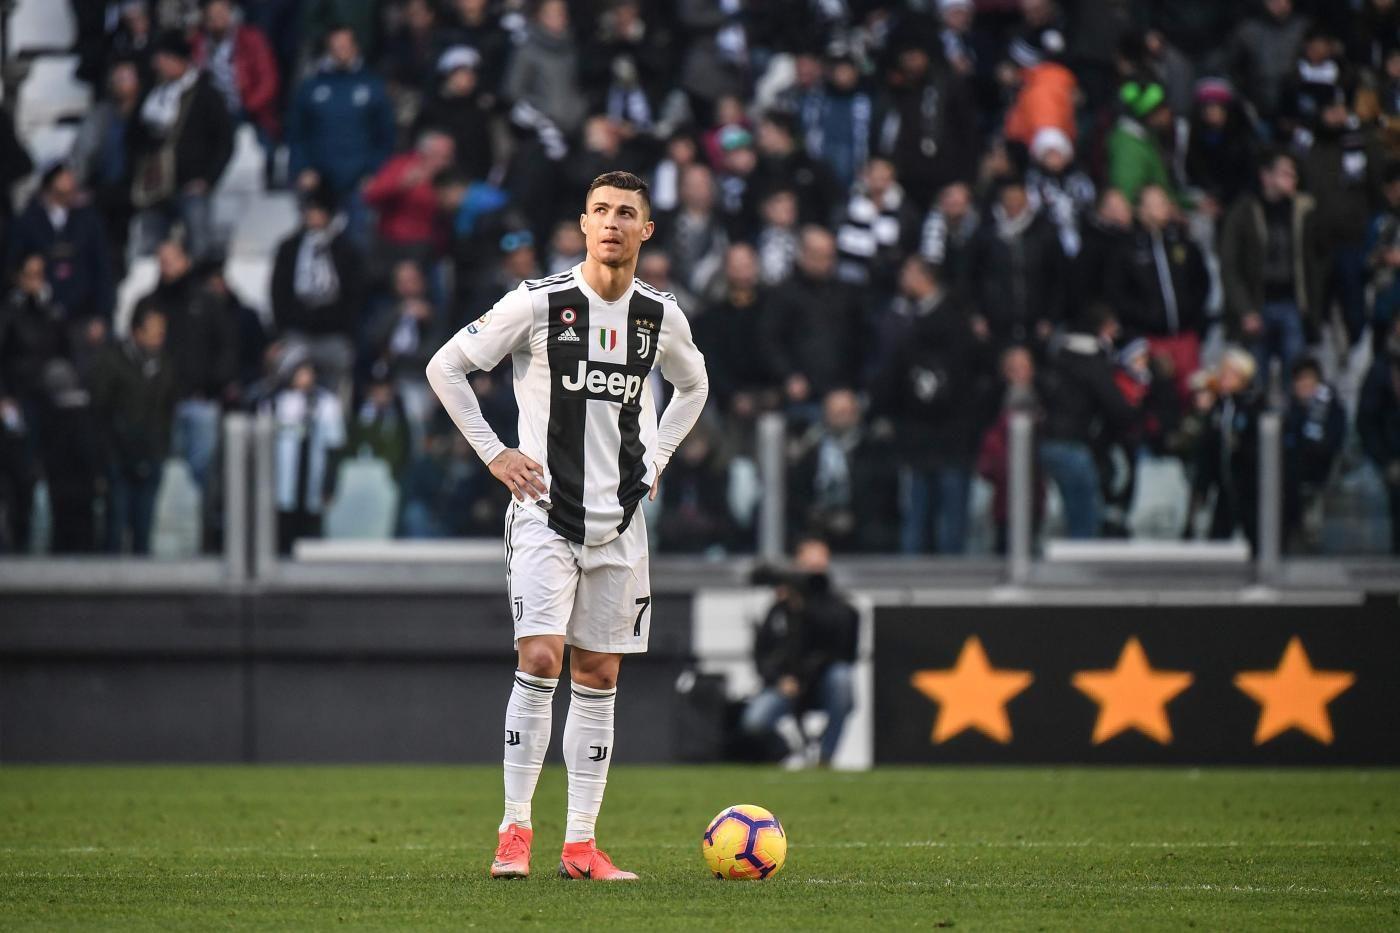 Juve Cr7 infallibile Non su punizione 13 tentativi zero gol sui calci piazzati